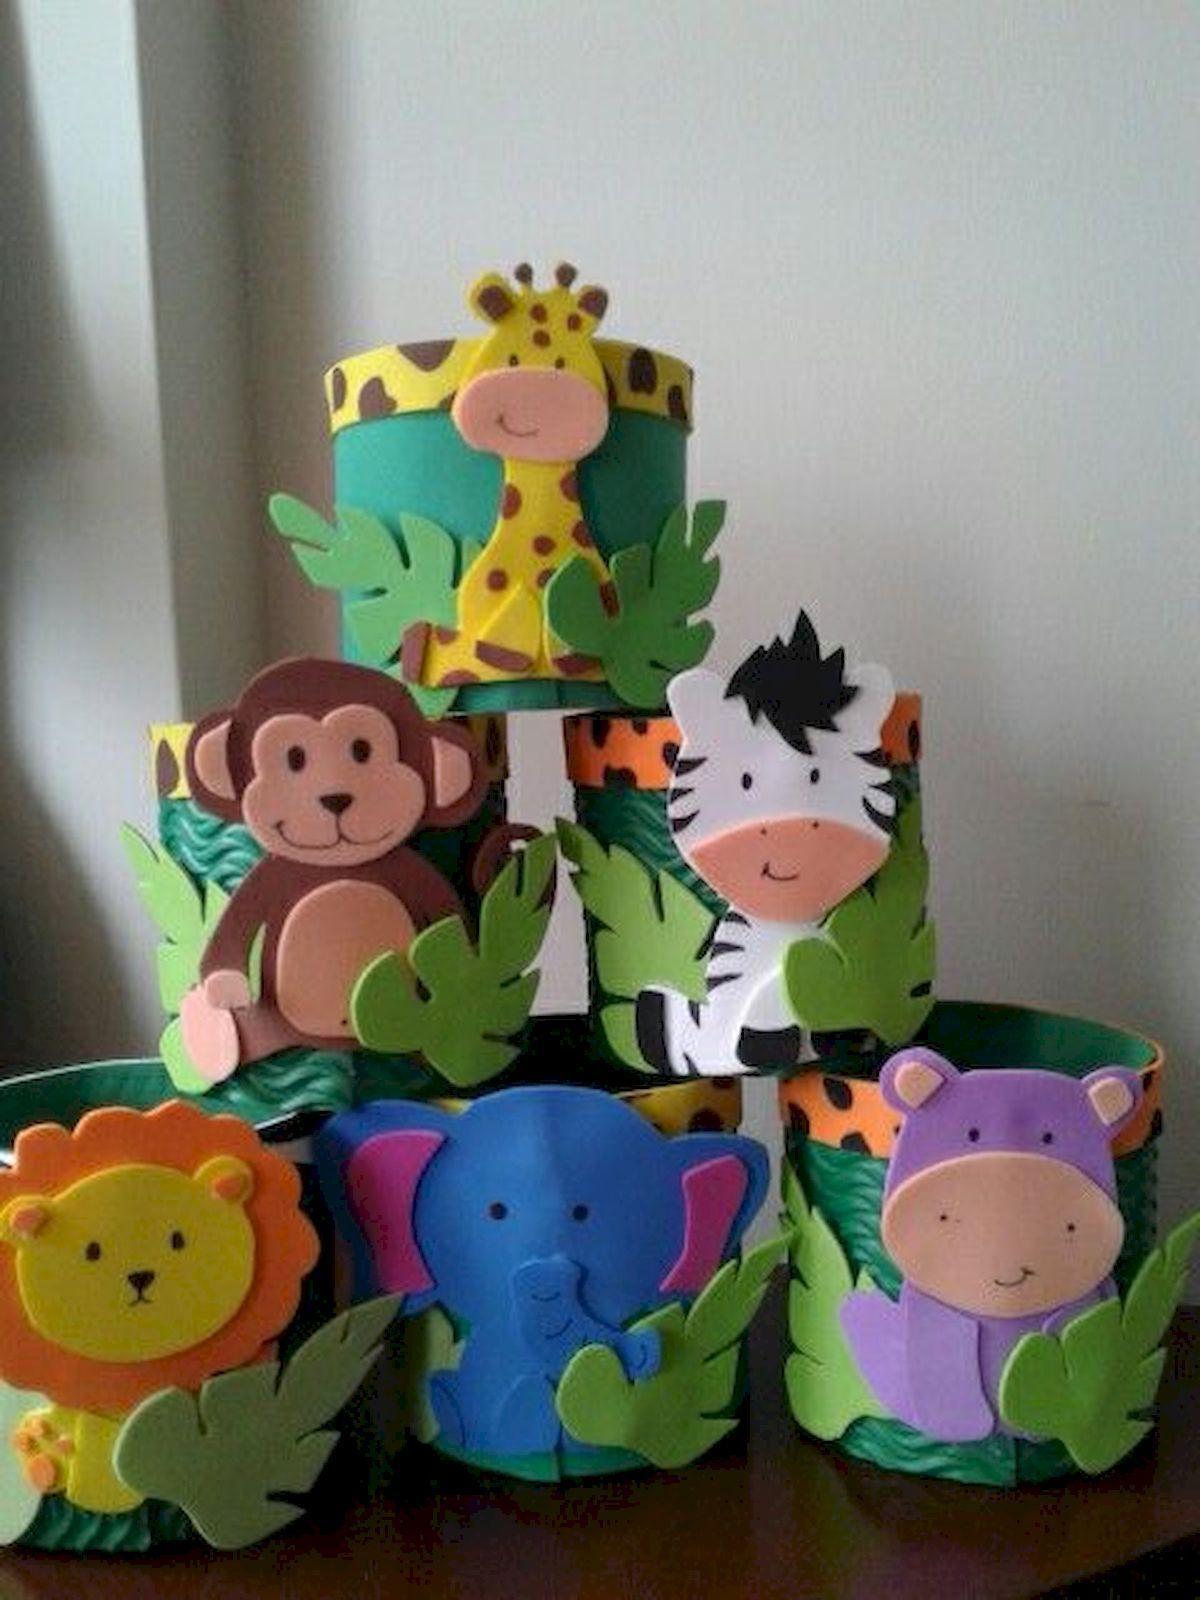 40 Easy Diy Spring Crafts Ideas For Kids 6 Coachdecor Com